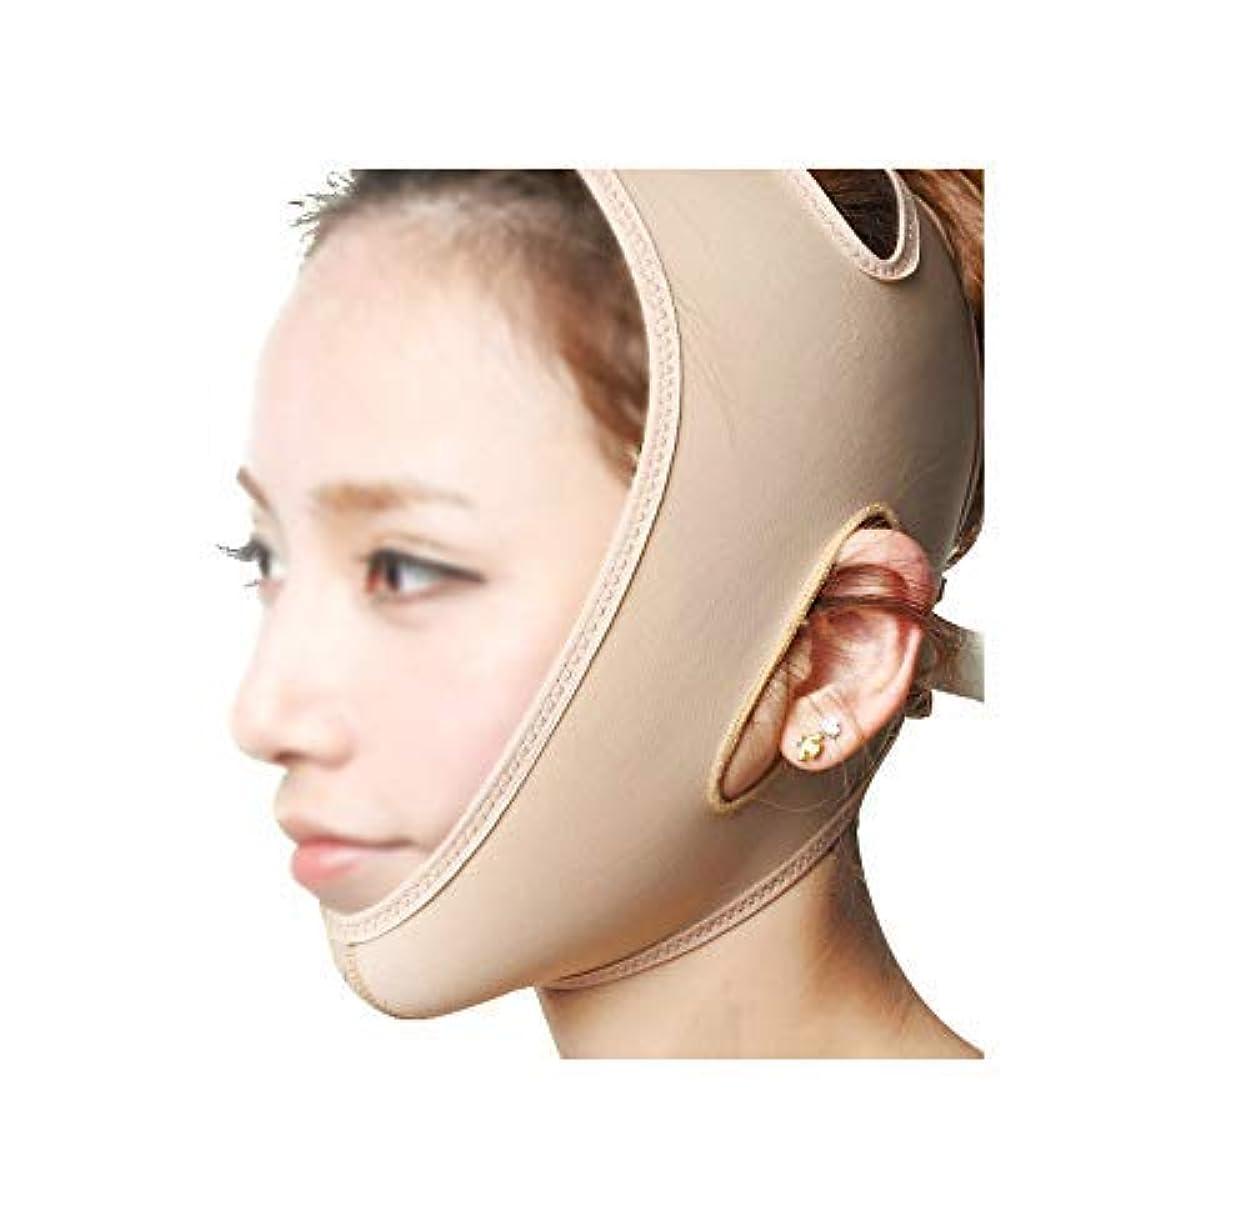 トークンダブルトラックフェイスリフティングバンデージ、フェイスマスク3Dパネルデザイン、通気性に優れたライクラ素材の物理的なVフェイス、美しい顔の輪郭の作成(サイズ:S),ザ?